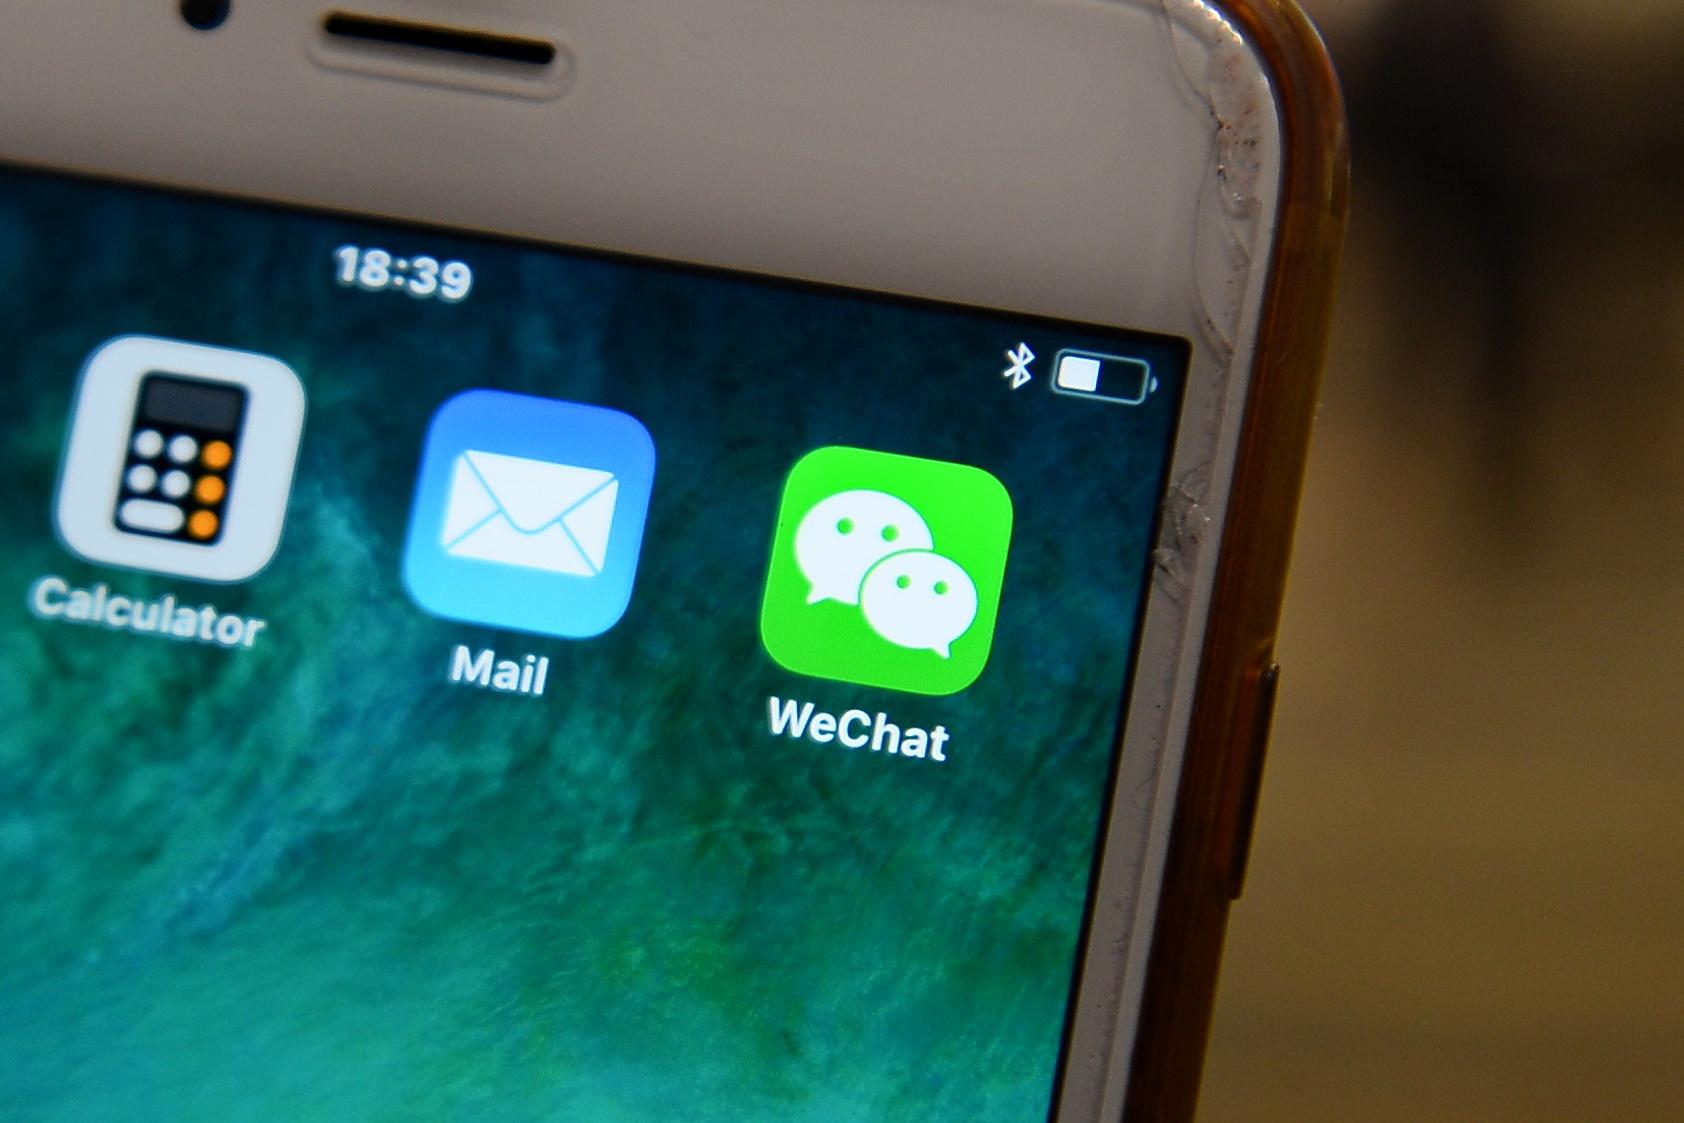 如果兩個用戶在中國境外用微信交流,仍然在很大程度上受控於中國境內的運作規則。(宋碧龍/大紀元)